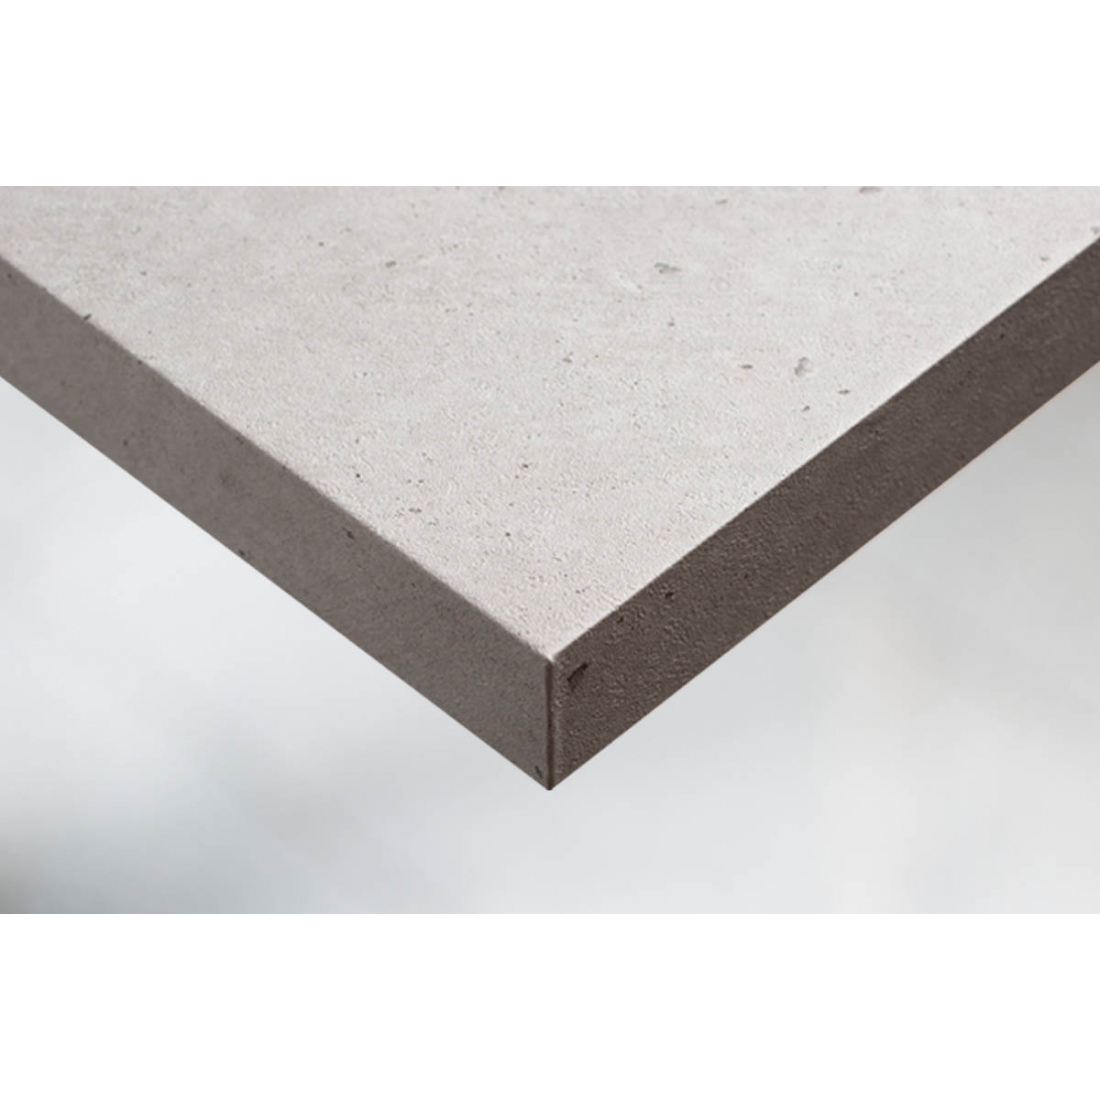 Интерьерный бетон купить тощий бетон москва